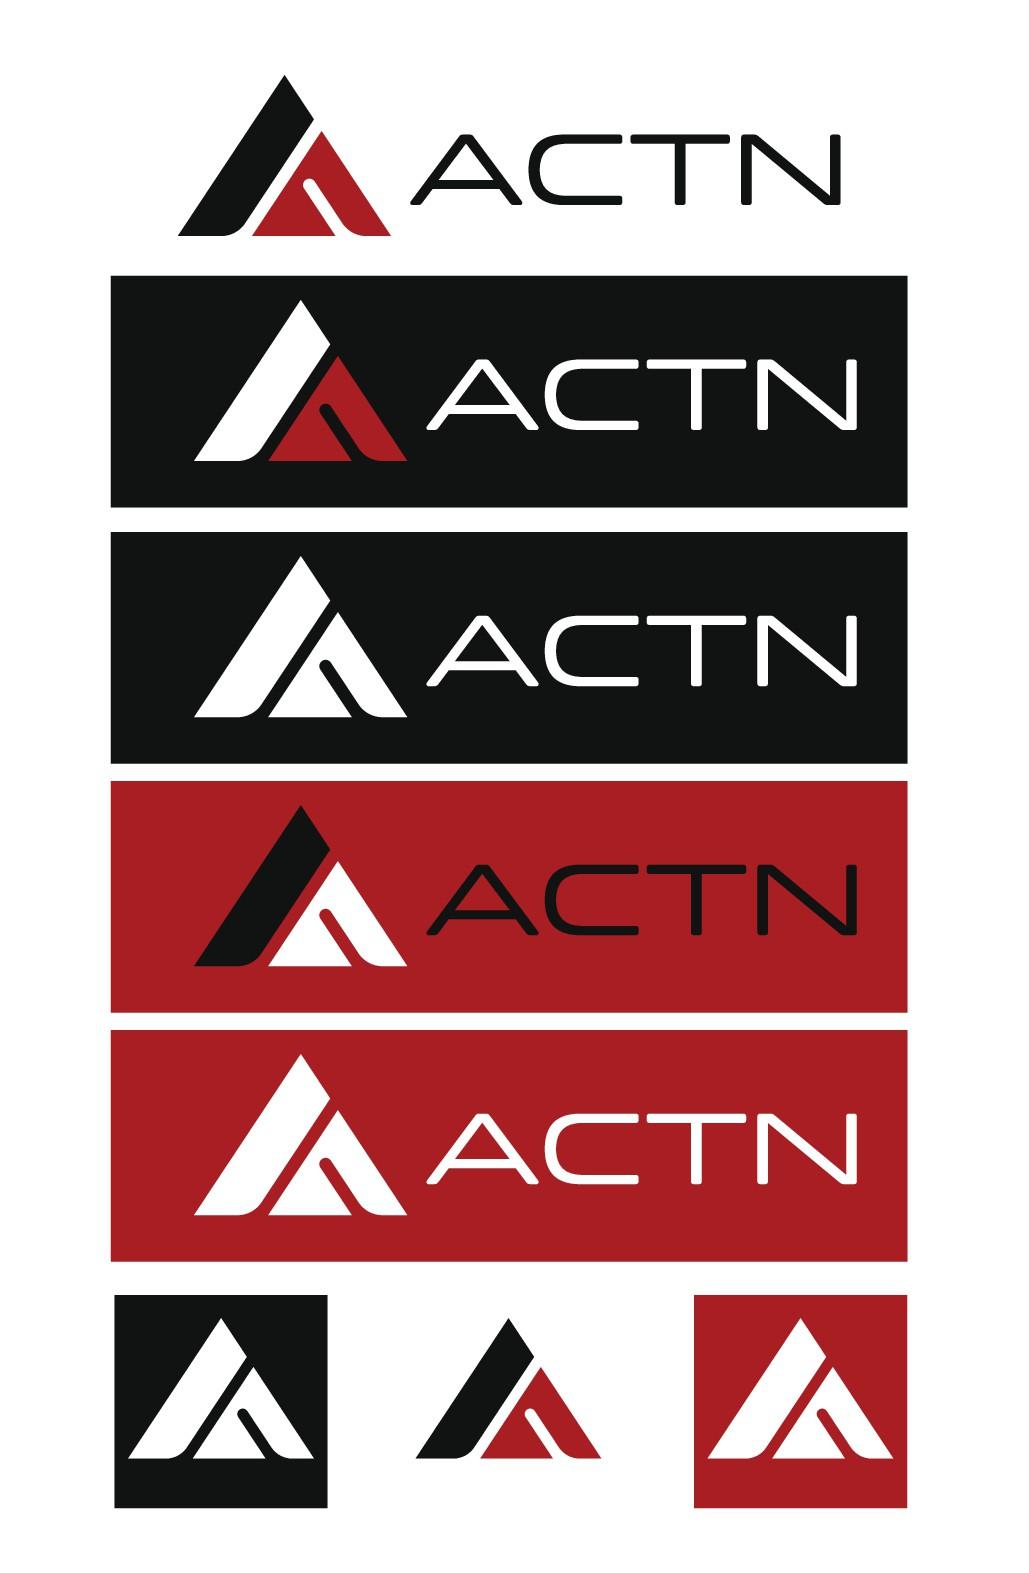 Créez un logo stylisé pour un distributeur informatique innovant !